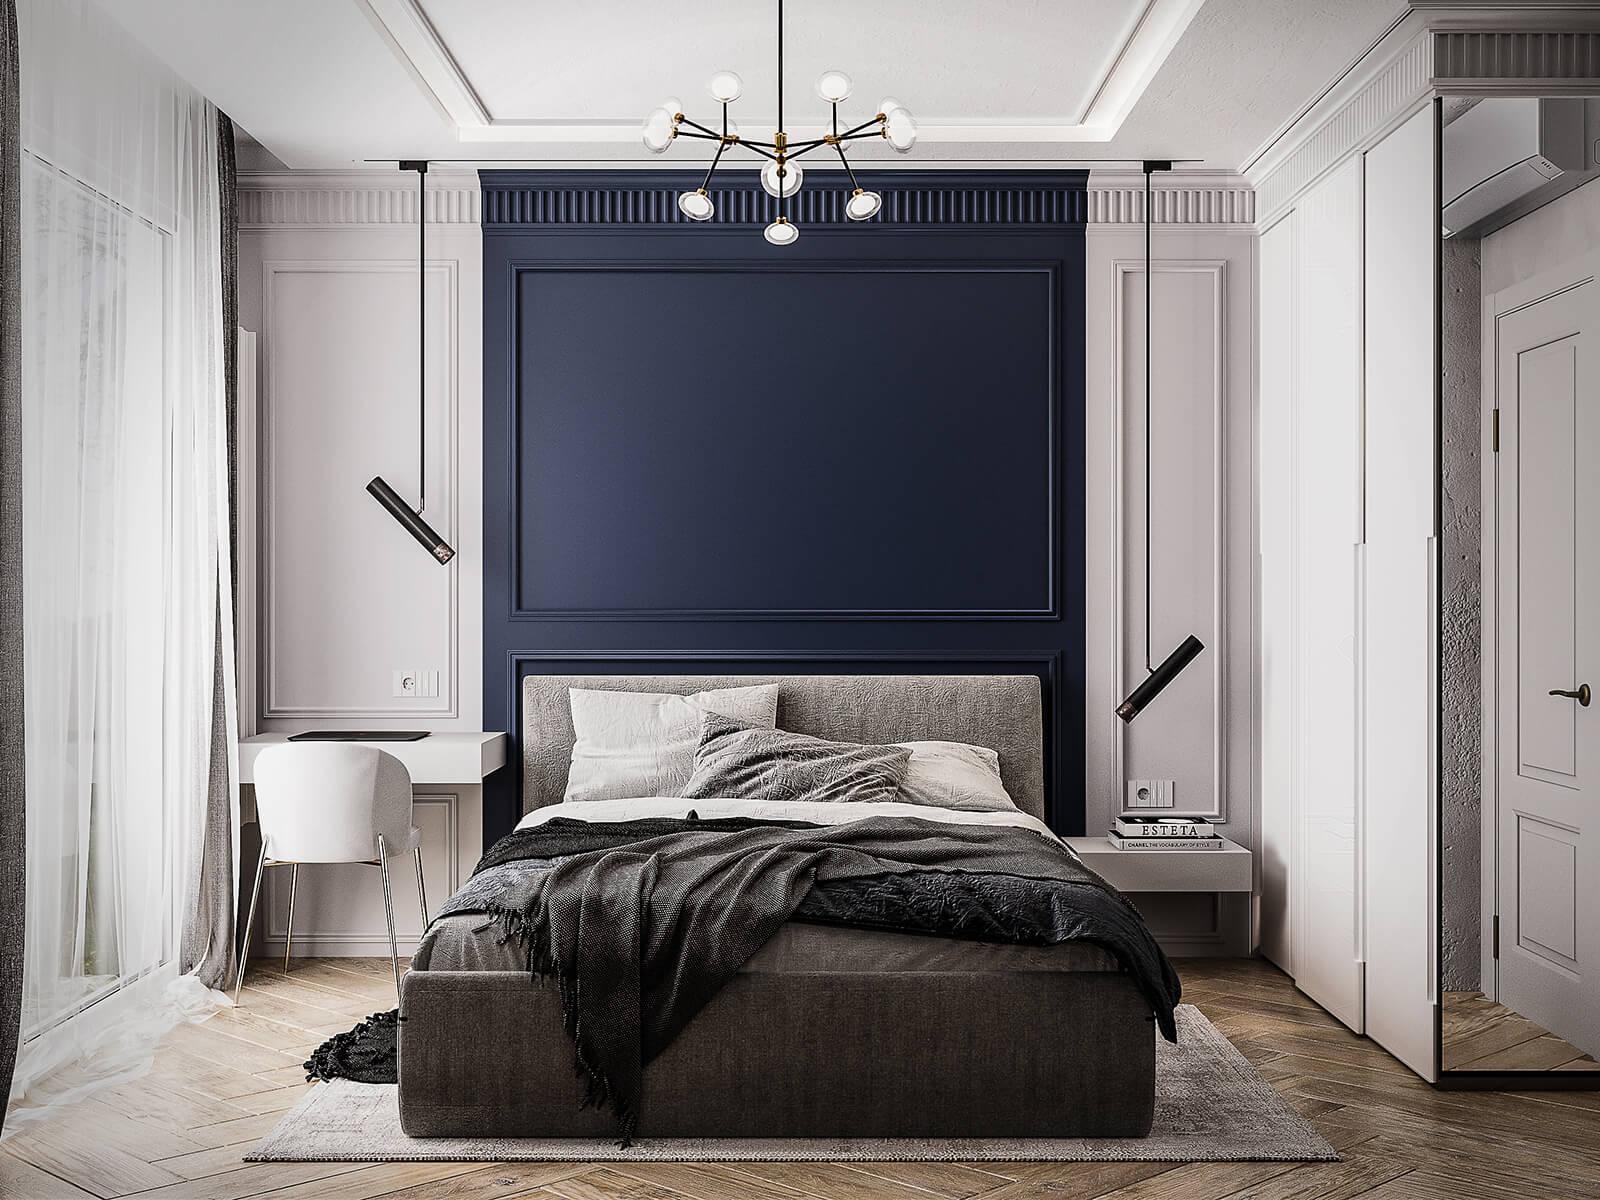 interioren-dizain-proekt-na-spalnya-po-porushka-esteta-design